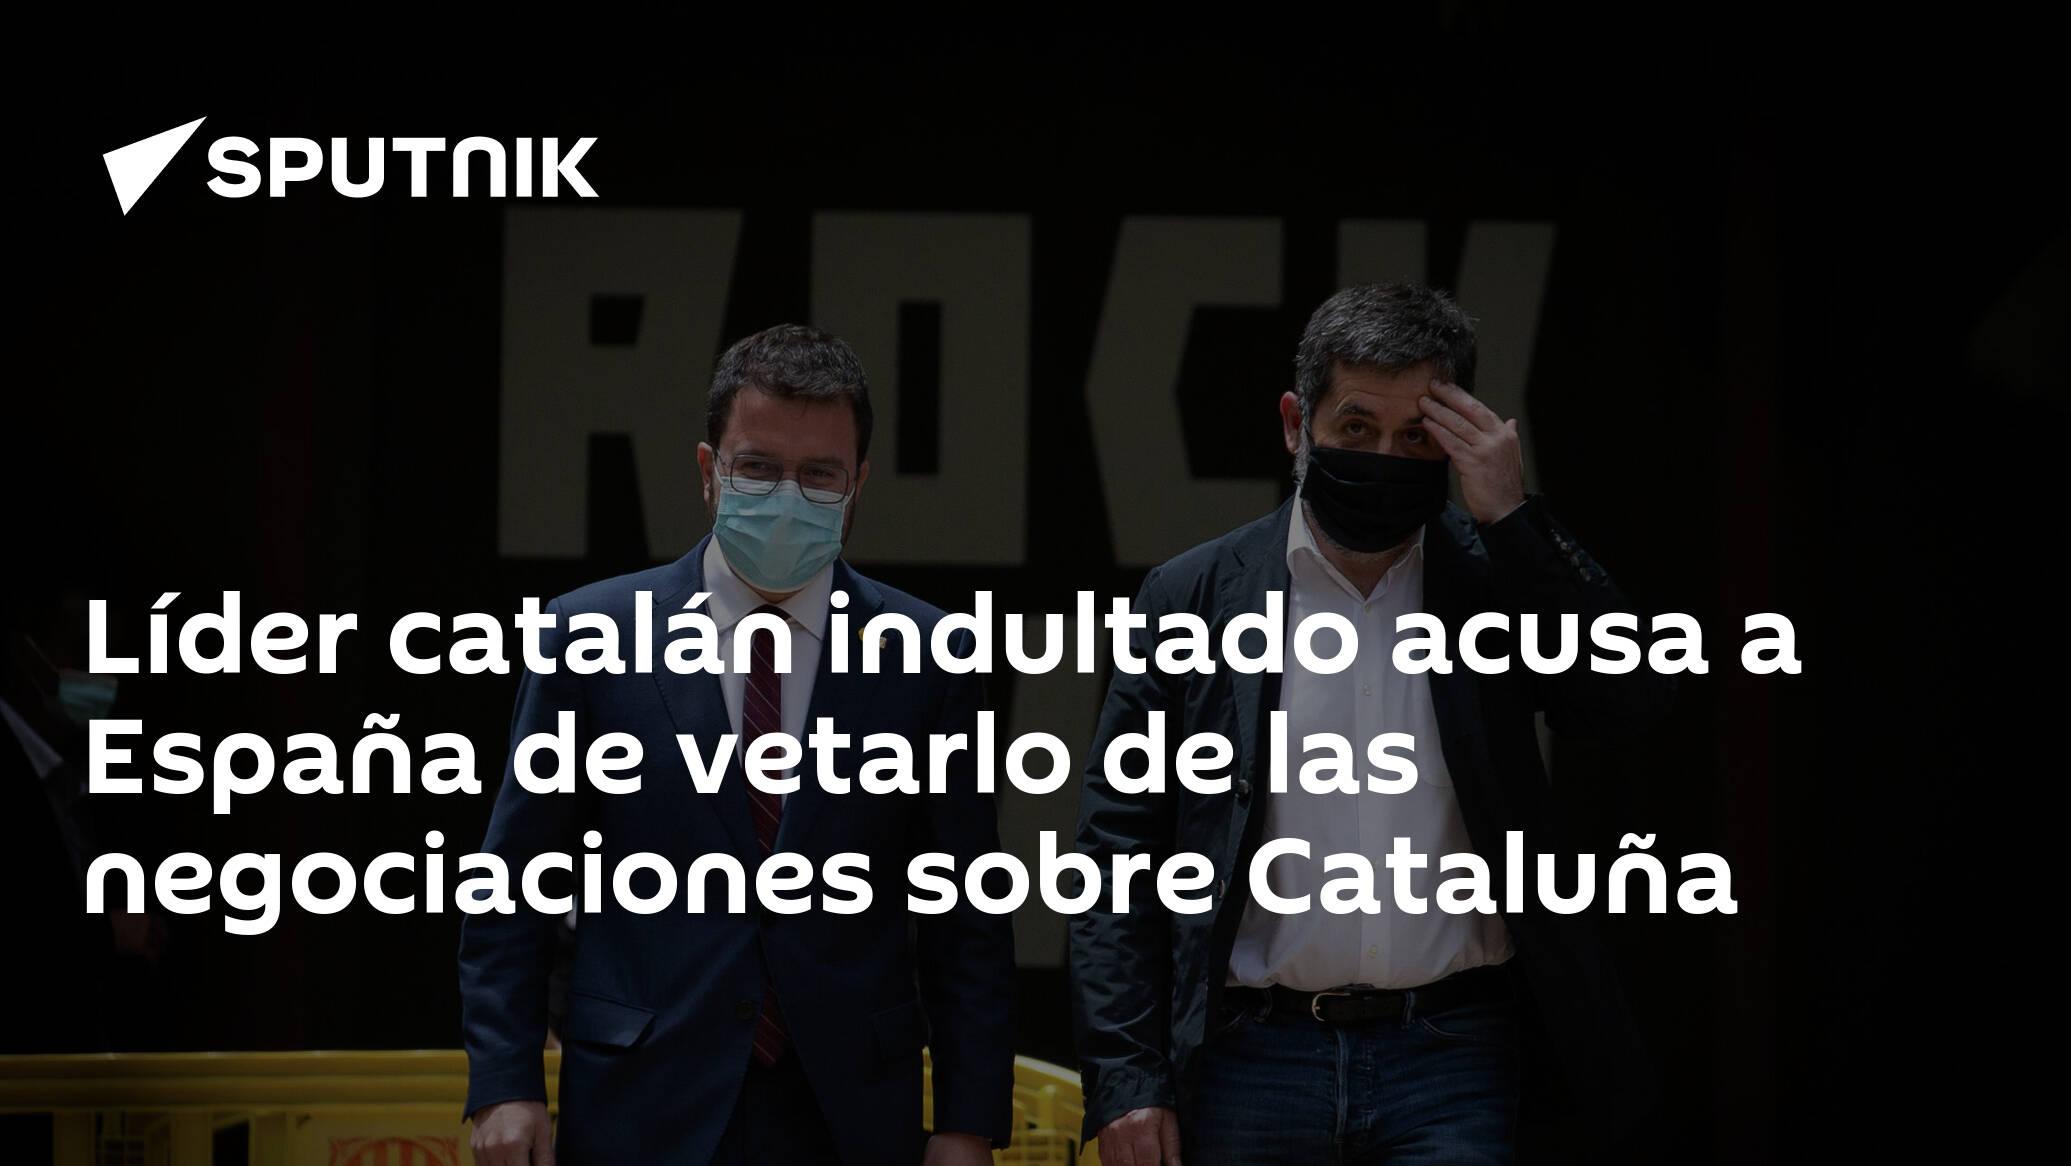 Líder catalán indultado acusa a España de vetarlo de las negociaciones sobre Cataluña